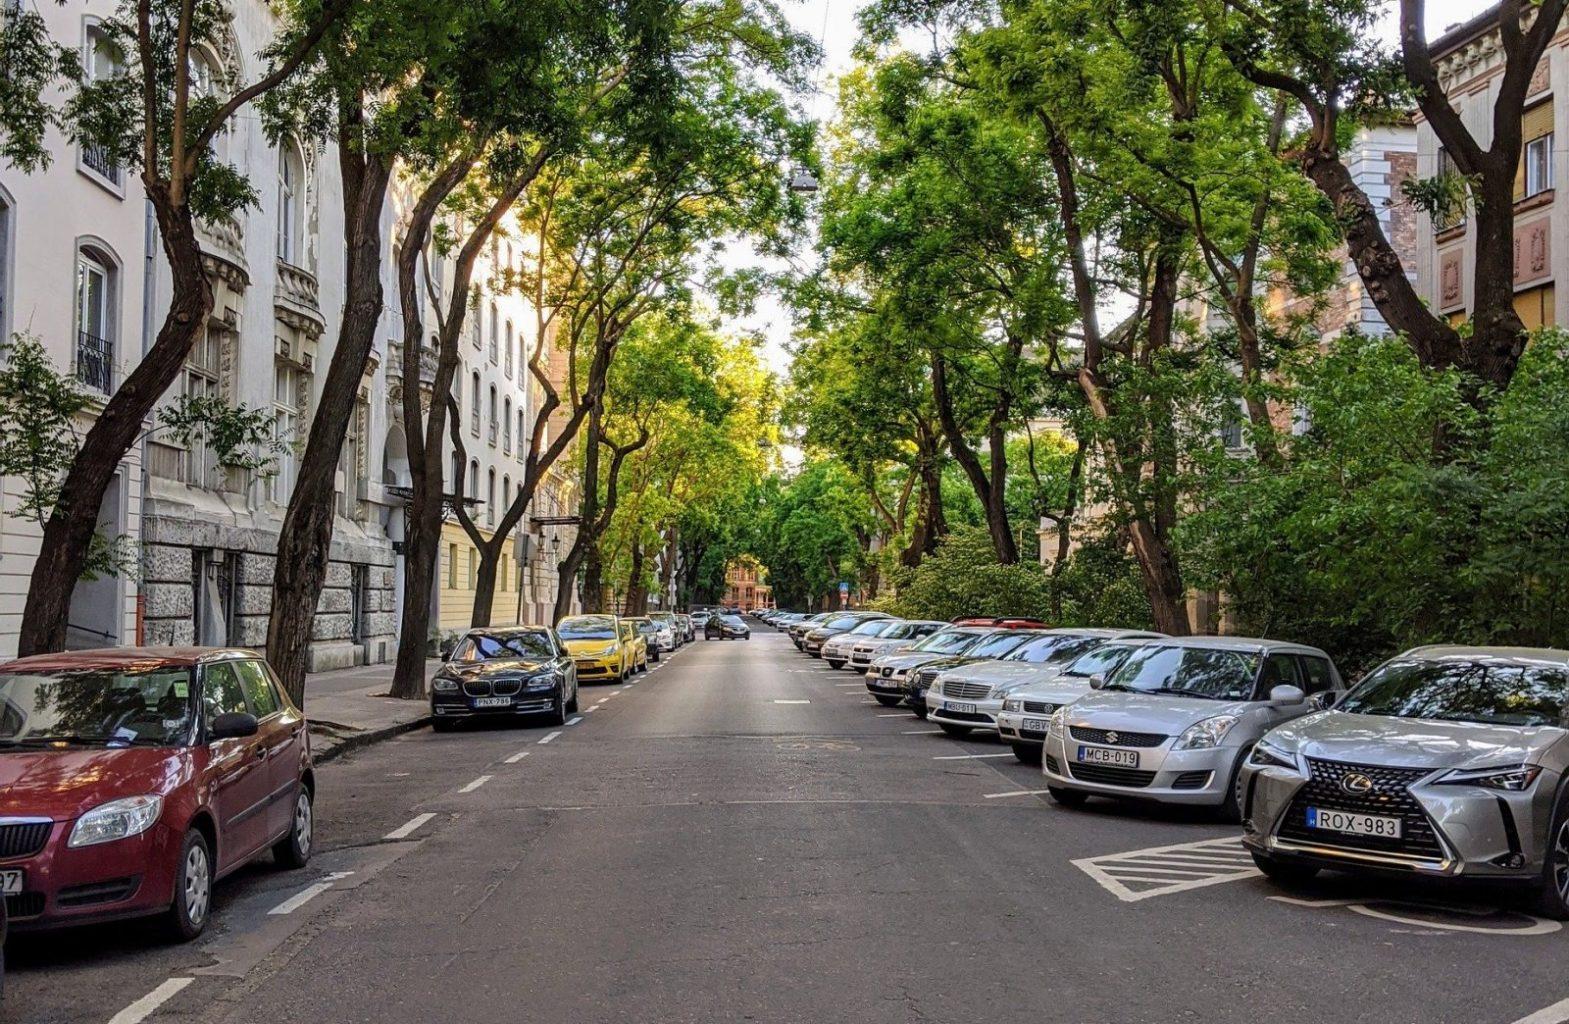 Казахстанский автопарк: какие регионы лидируют по количеству новых и старых авто